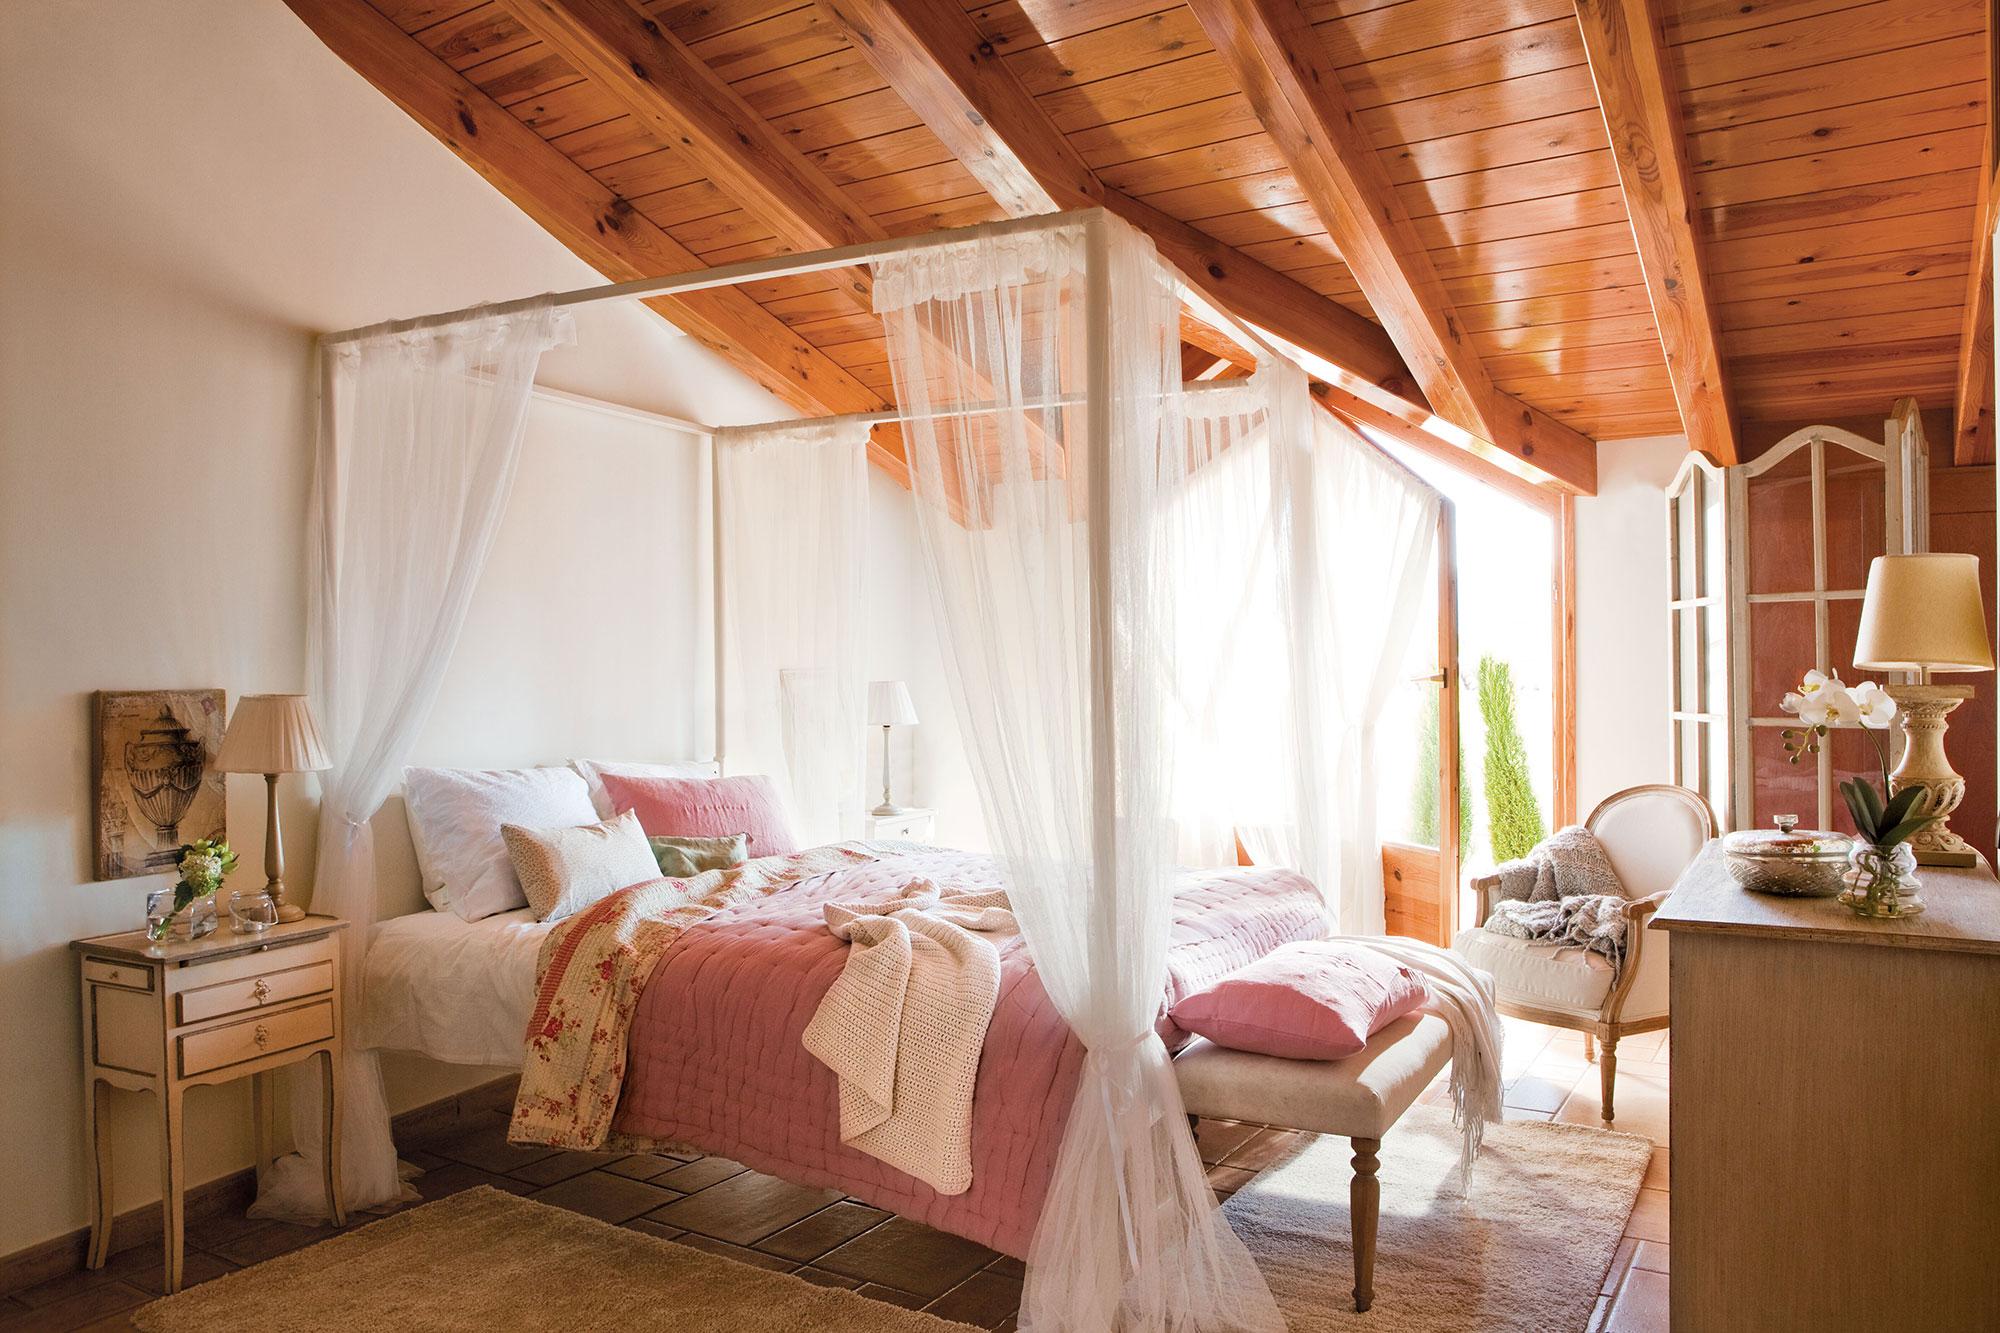 Dormitorio c mo decorarlo y aprovecharlo mejor seg n los metros - Cama dosel madera ...